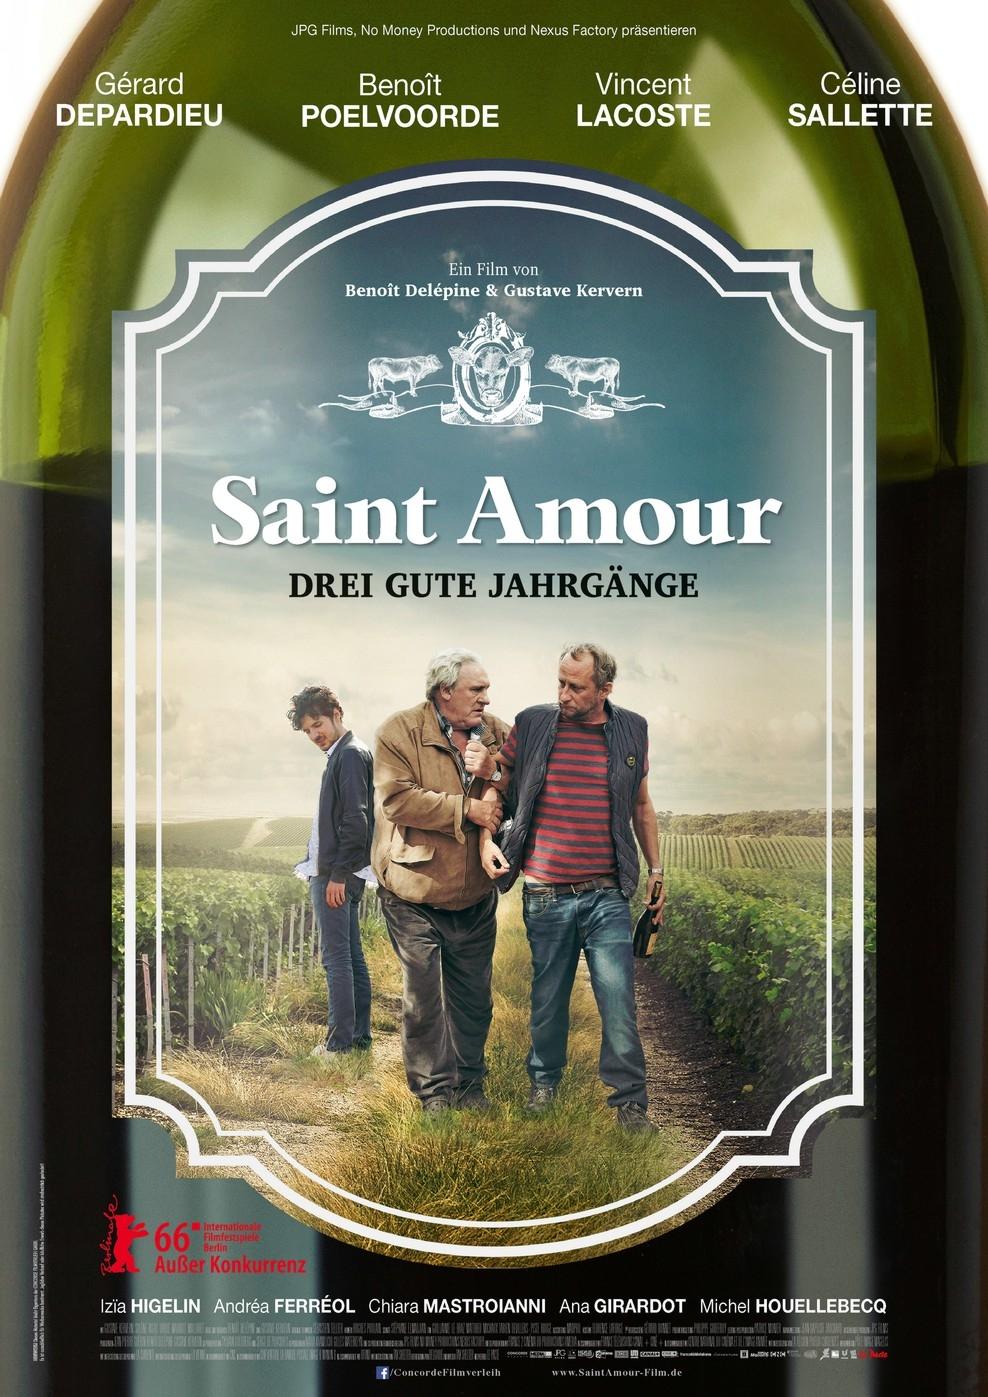 Saint Amour - Drei gute Jahrgänge (Poster)